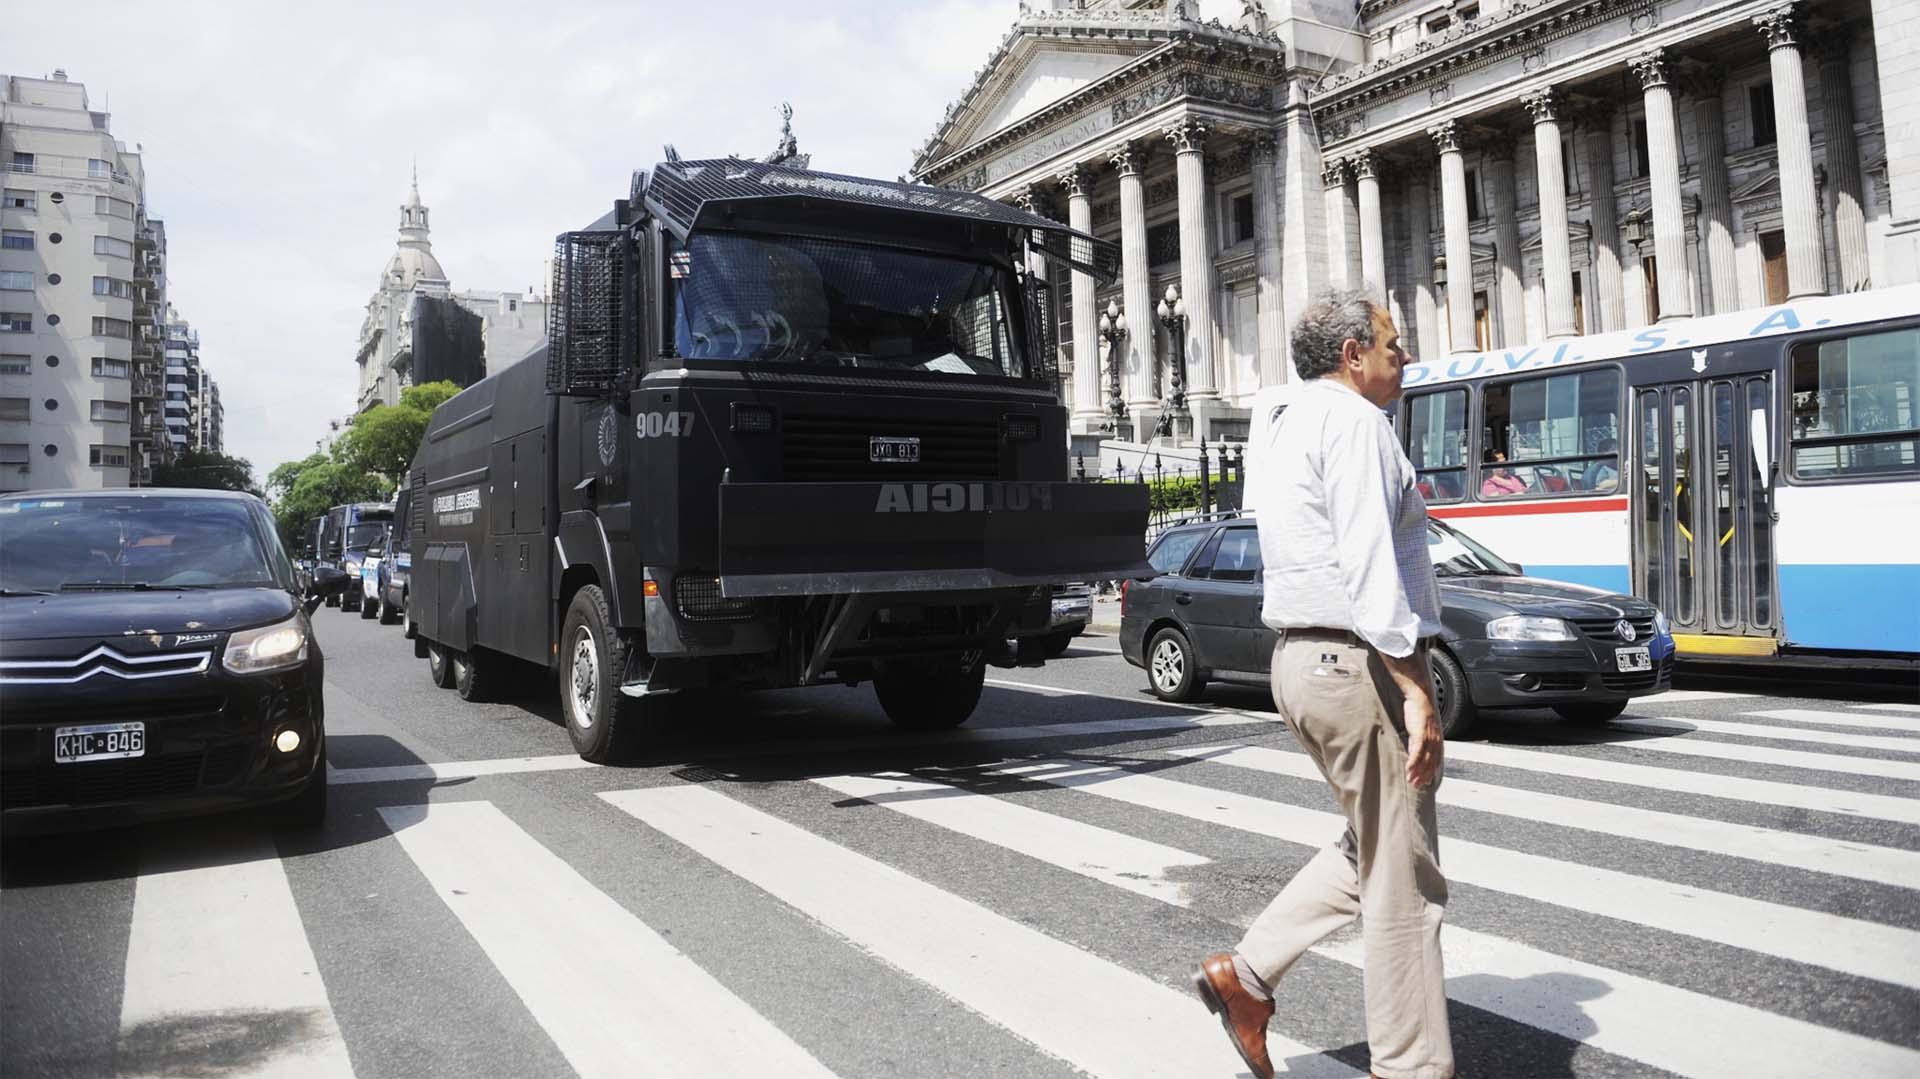 La protesta anti G20 se concentró frente al parlamento